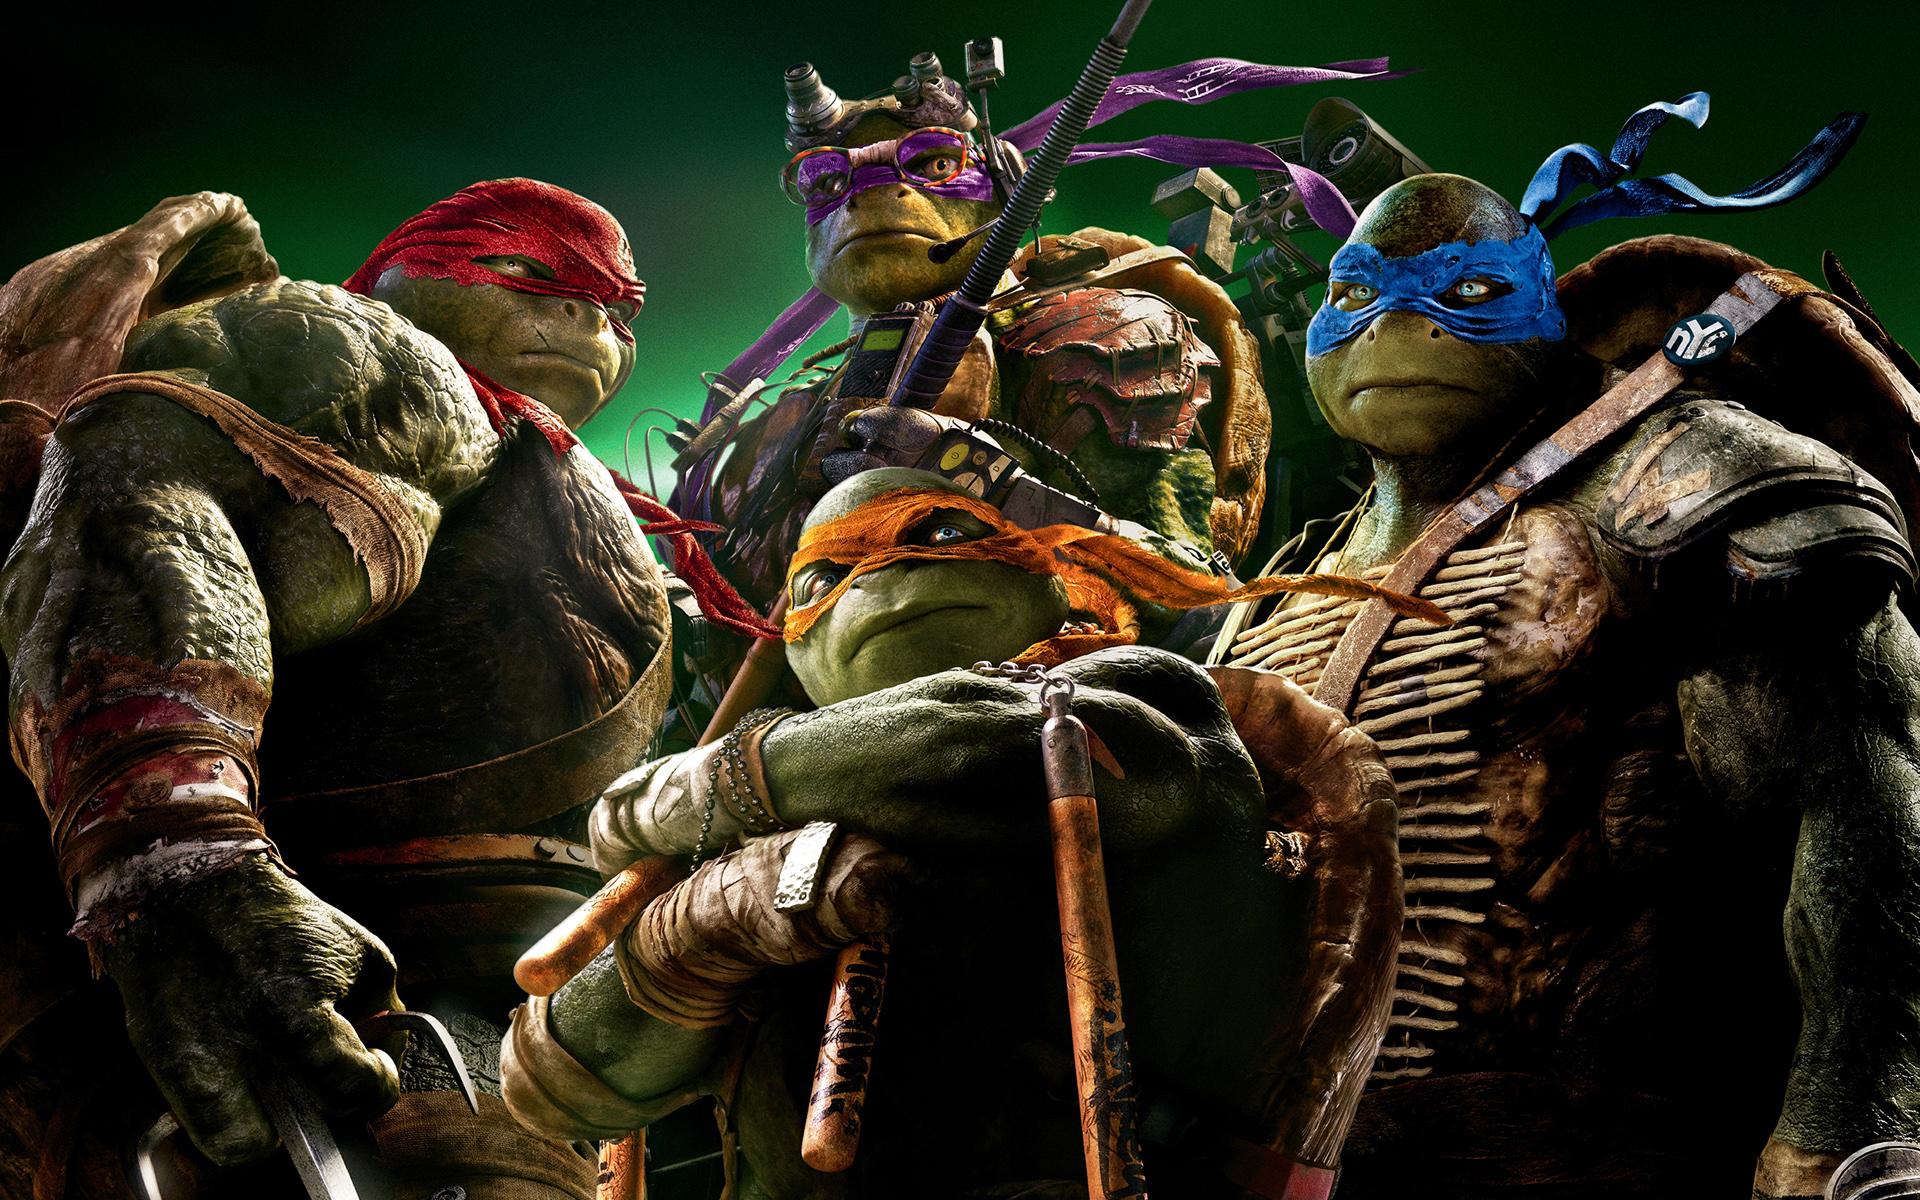 Wojownicze żółwie ninja – będzie reboot. Jest scenarzysta